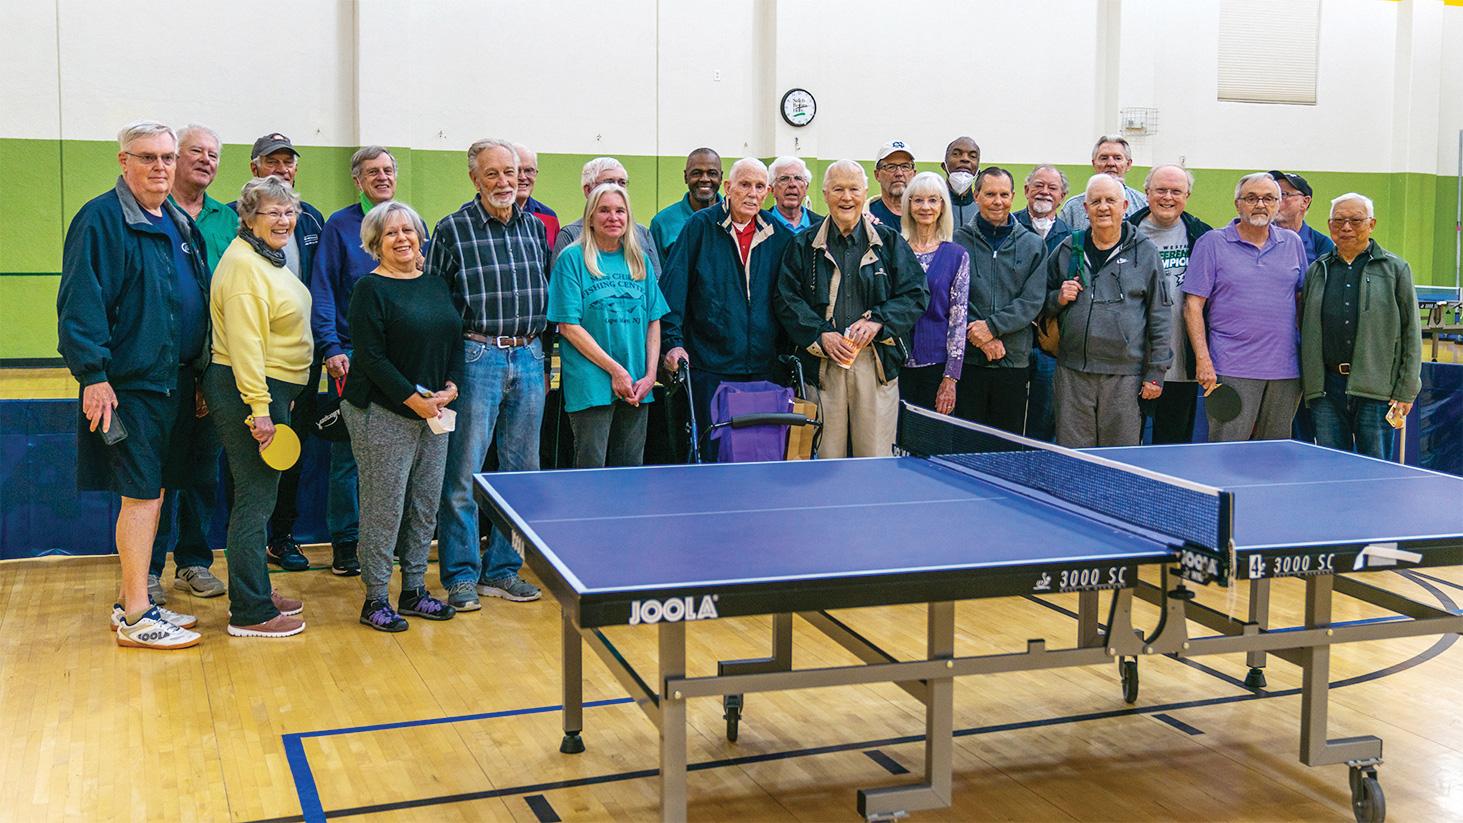 Table Tennis Club members honoring Dave Cooper.